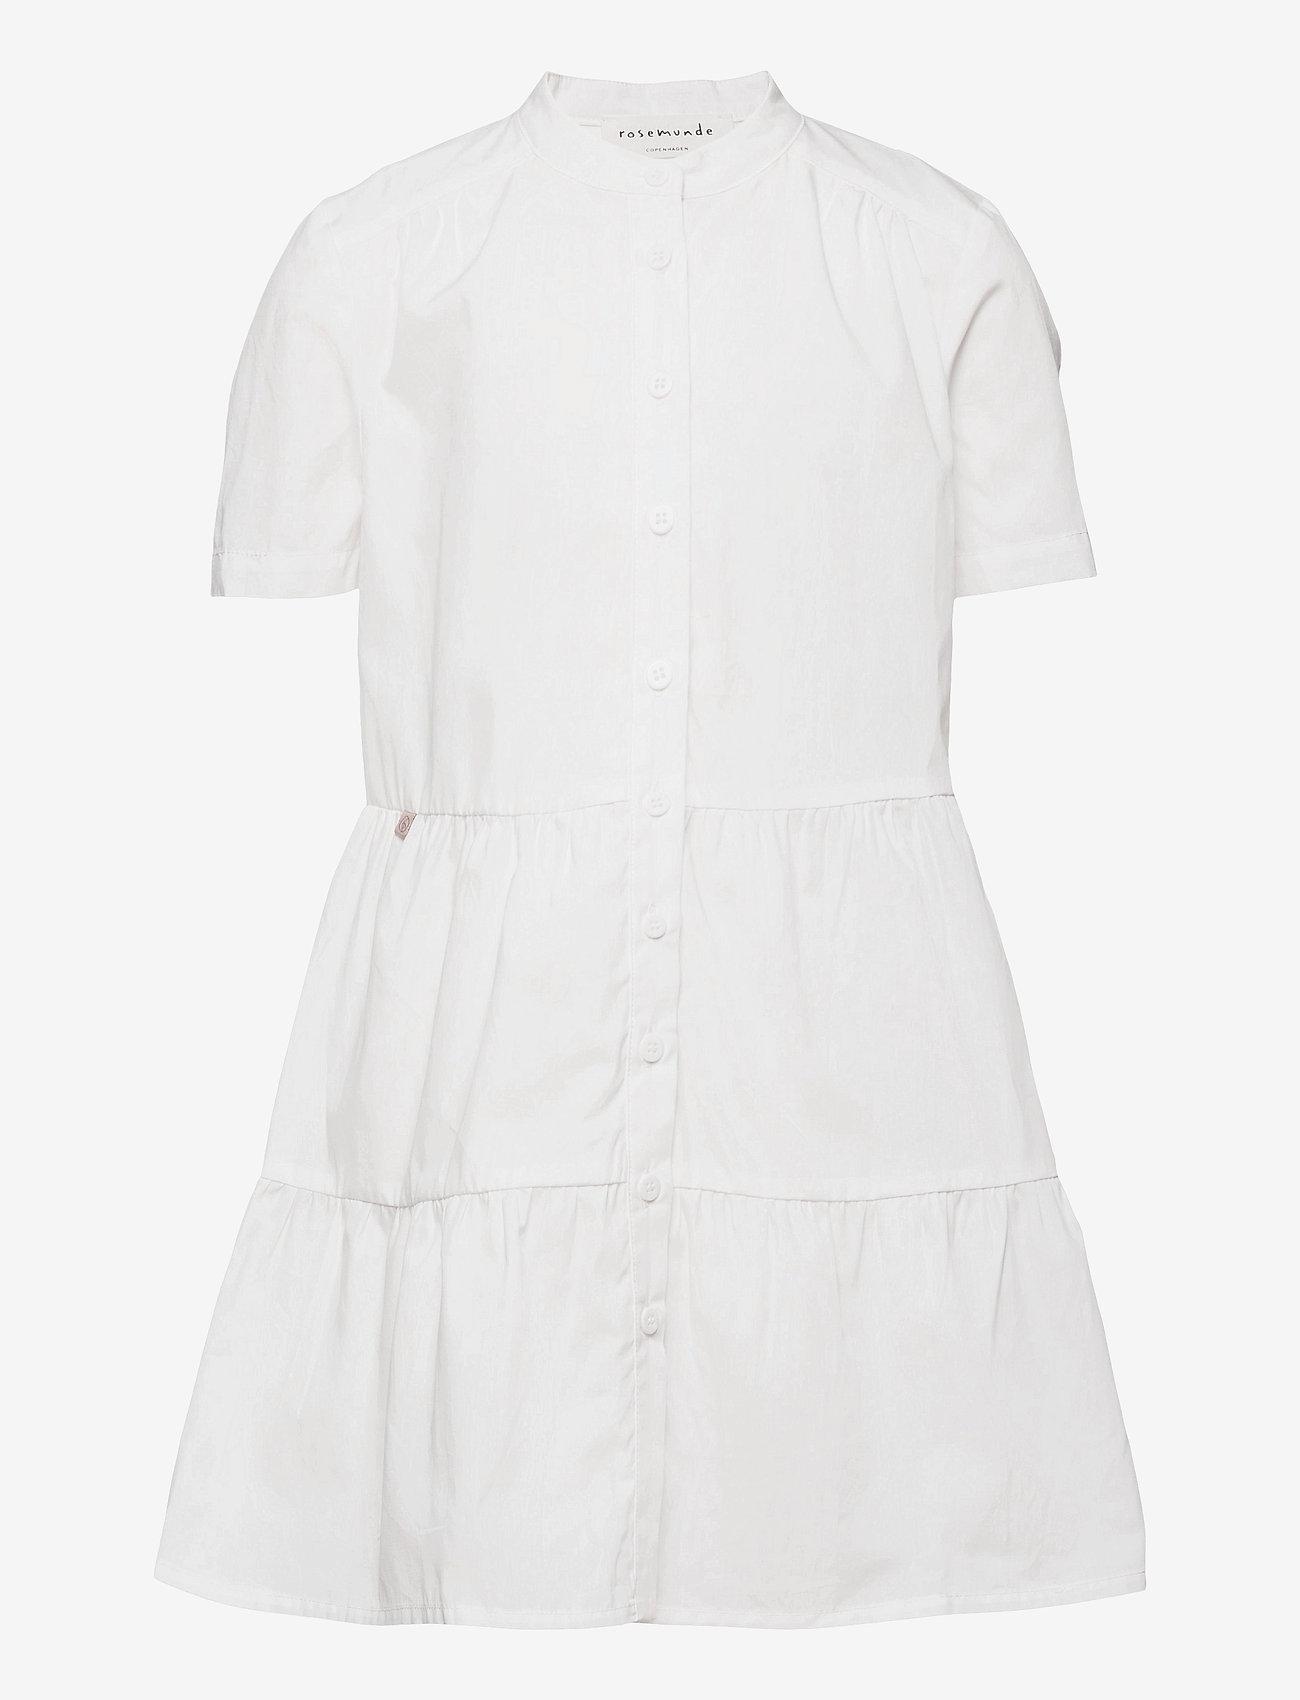 Rosemunde Kids - Organic cotton dress ss - kleider - new white - 0